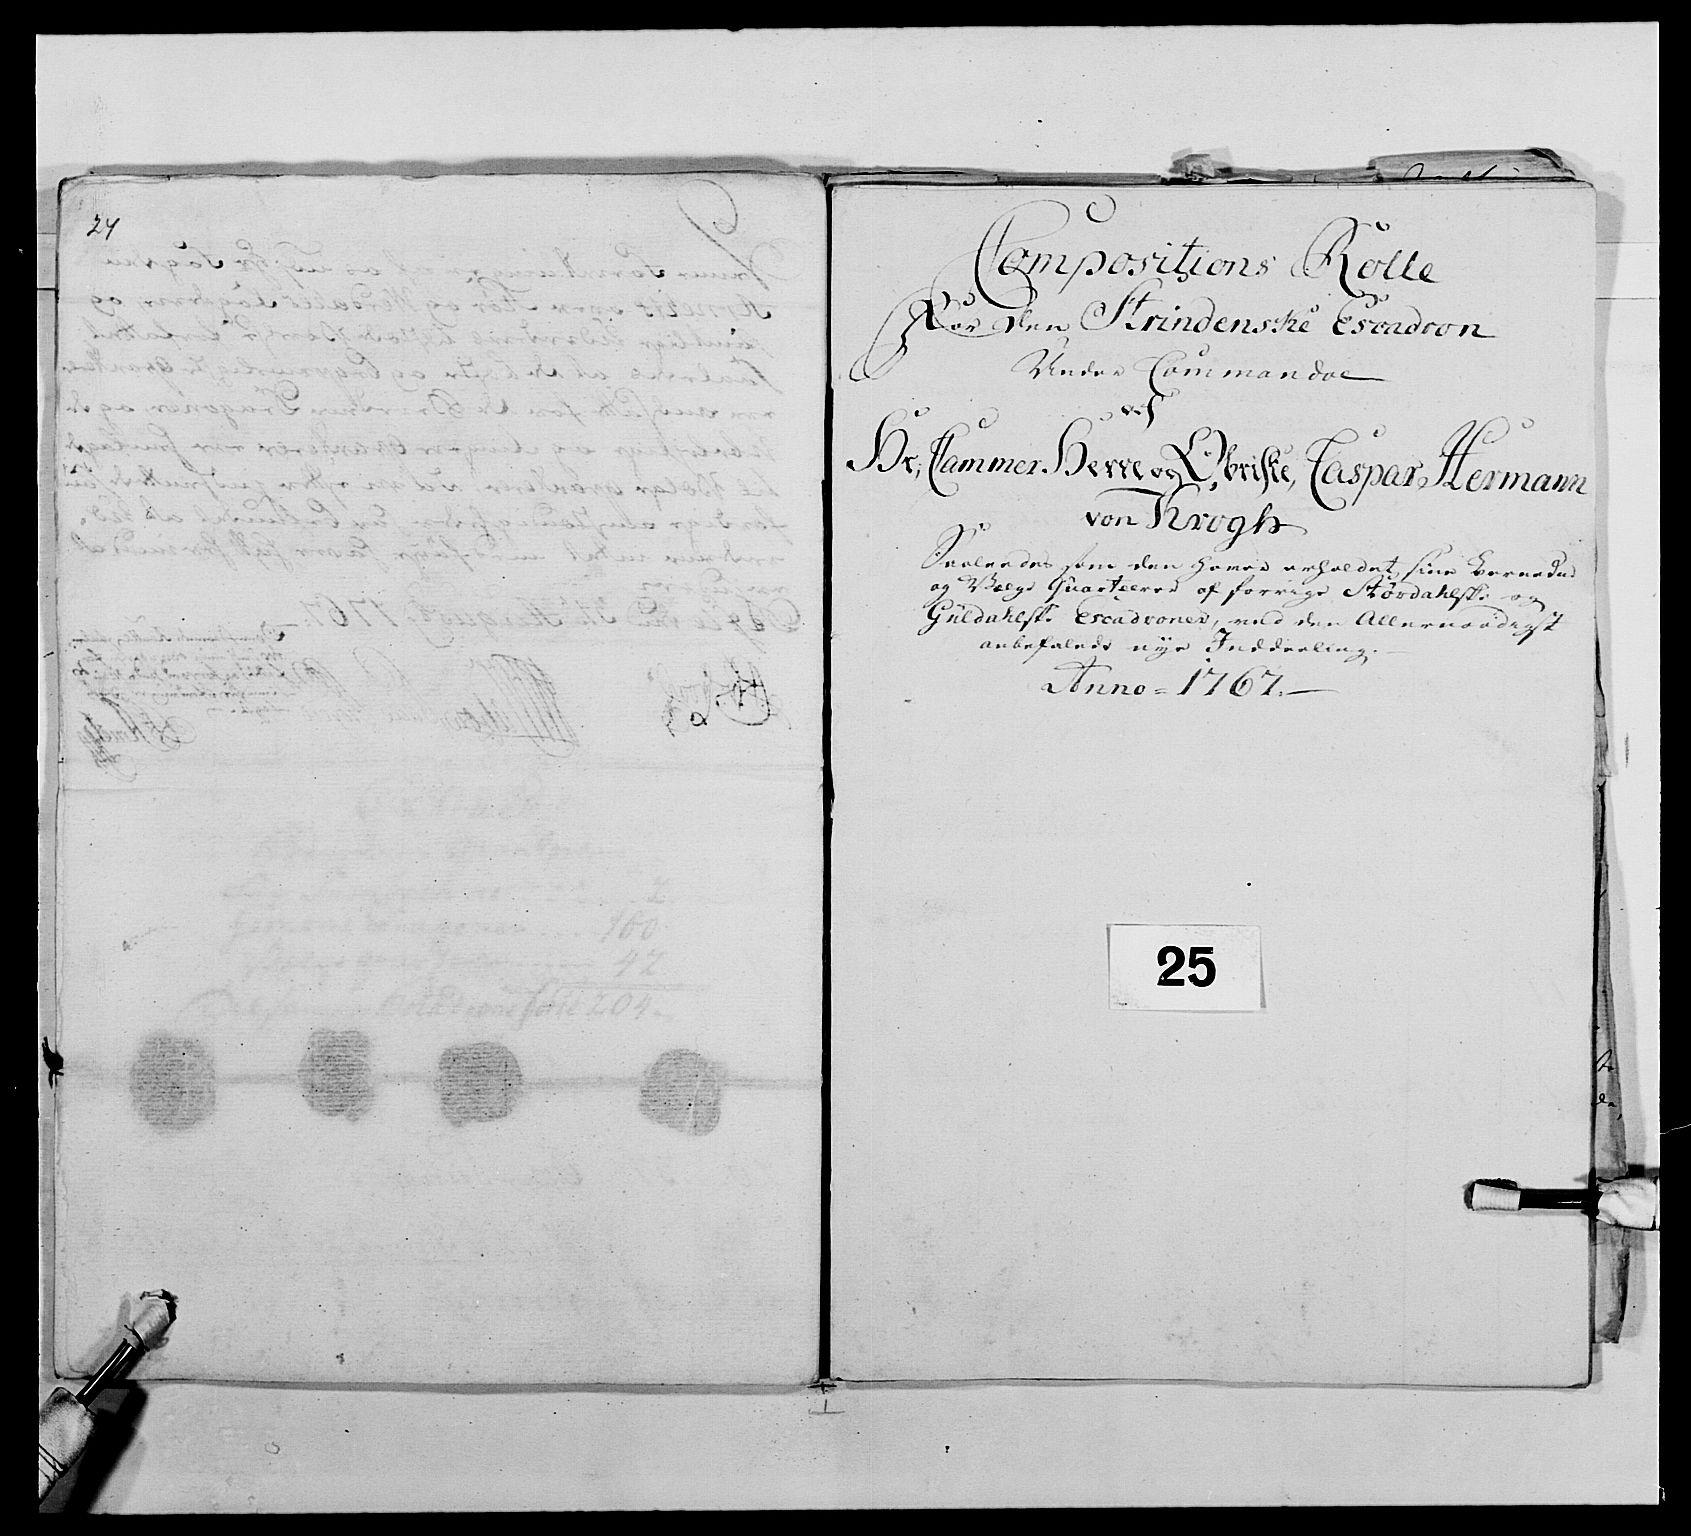 RA, Kommanderende general (KG I) med Det norske krigsdirektorium, E/Ea/L0483: Nordafjelske dragonregiment, 1765-1767, s. 625